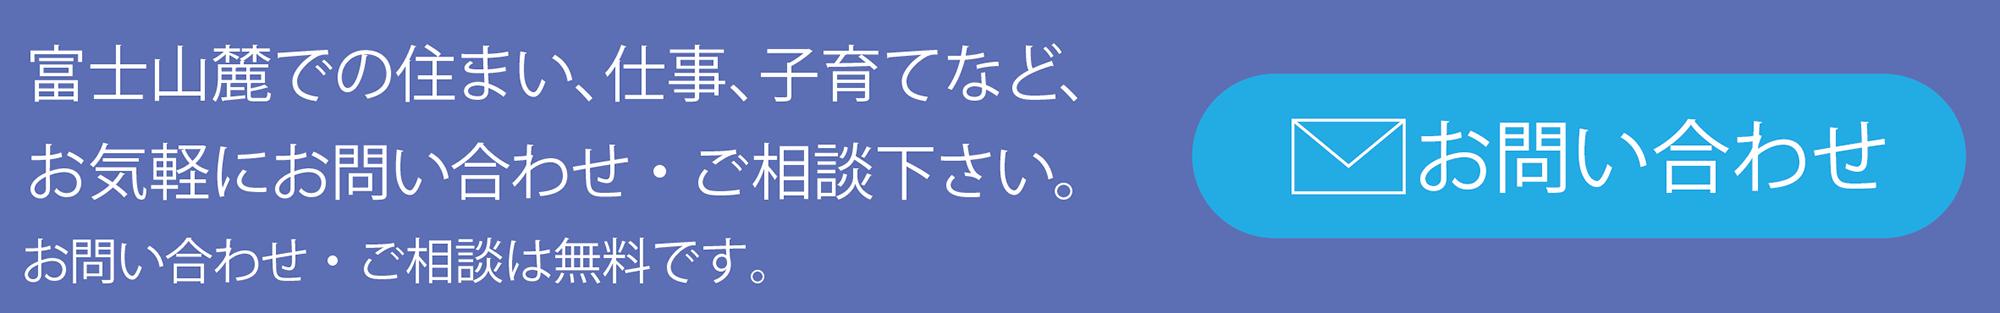 富士吉田への移住相談お問い合わせ下さい。